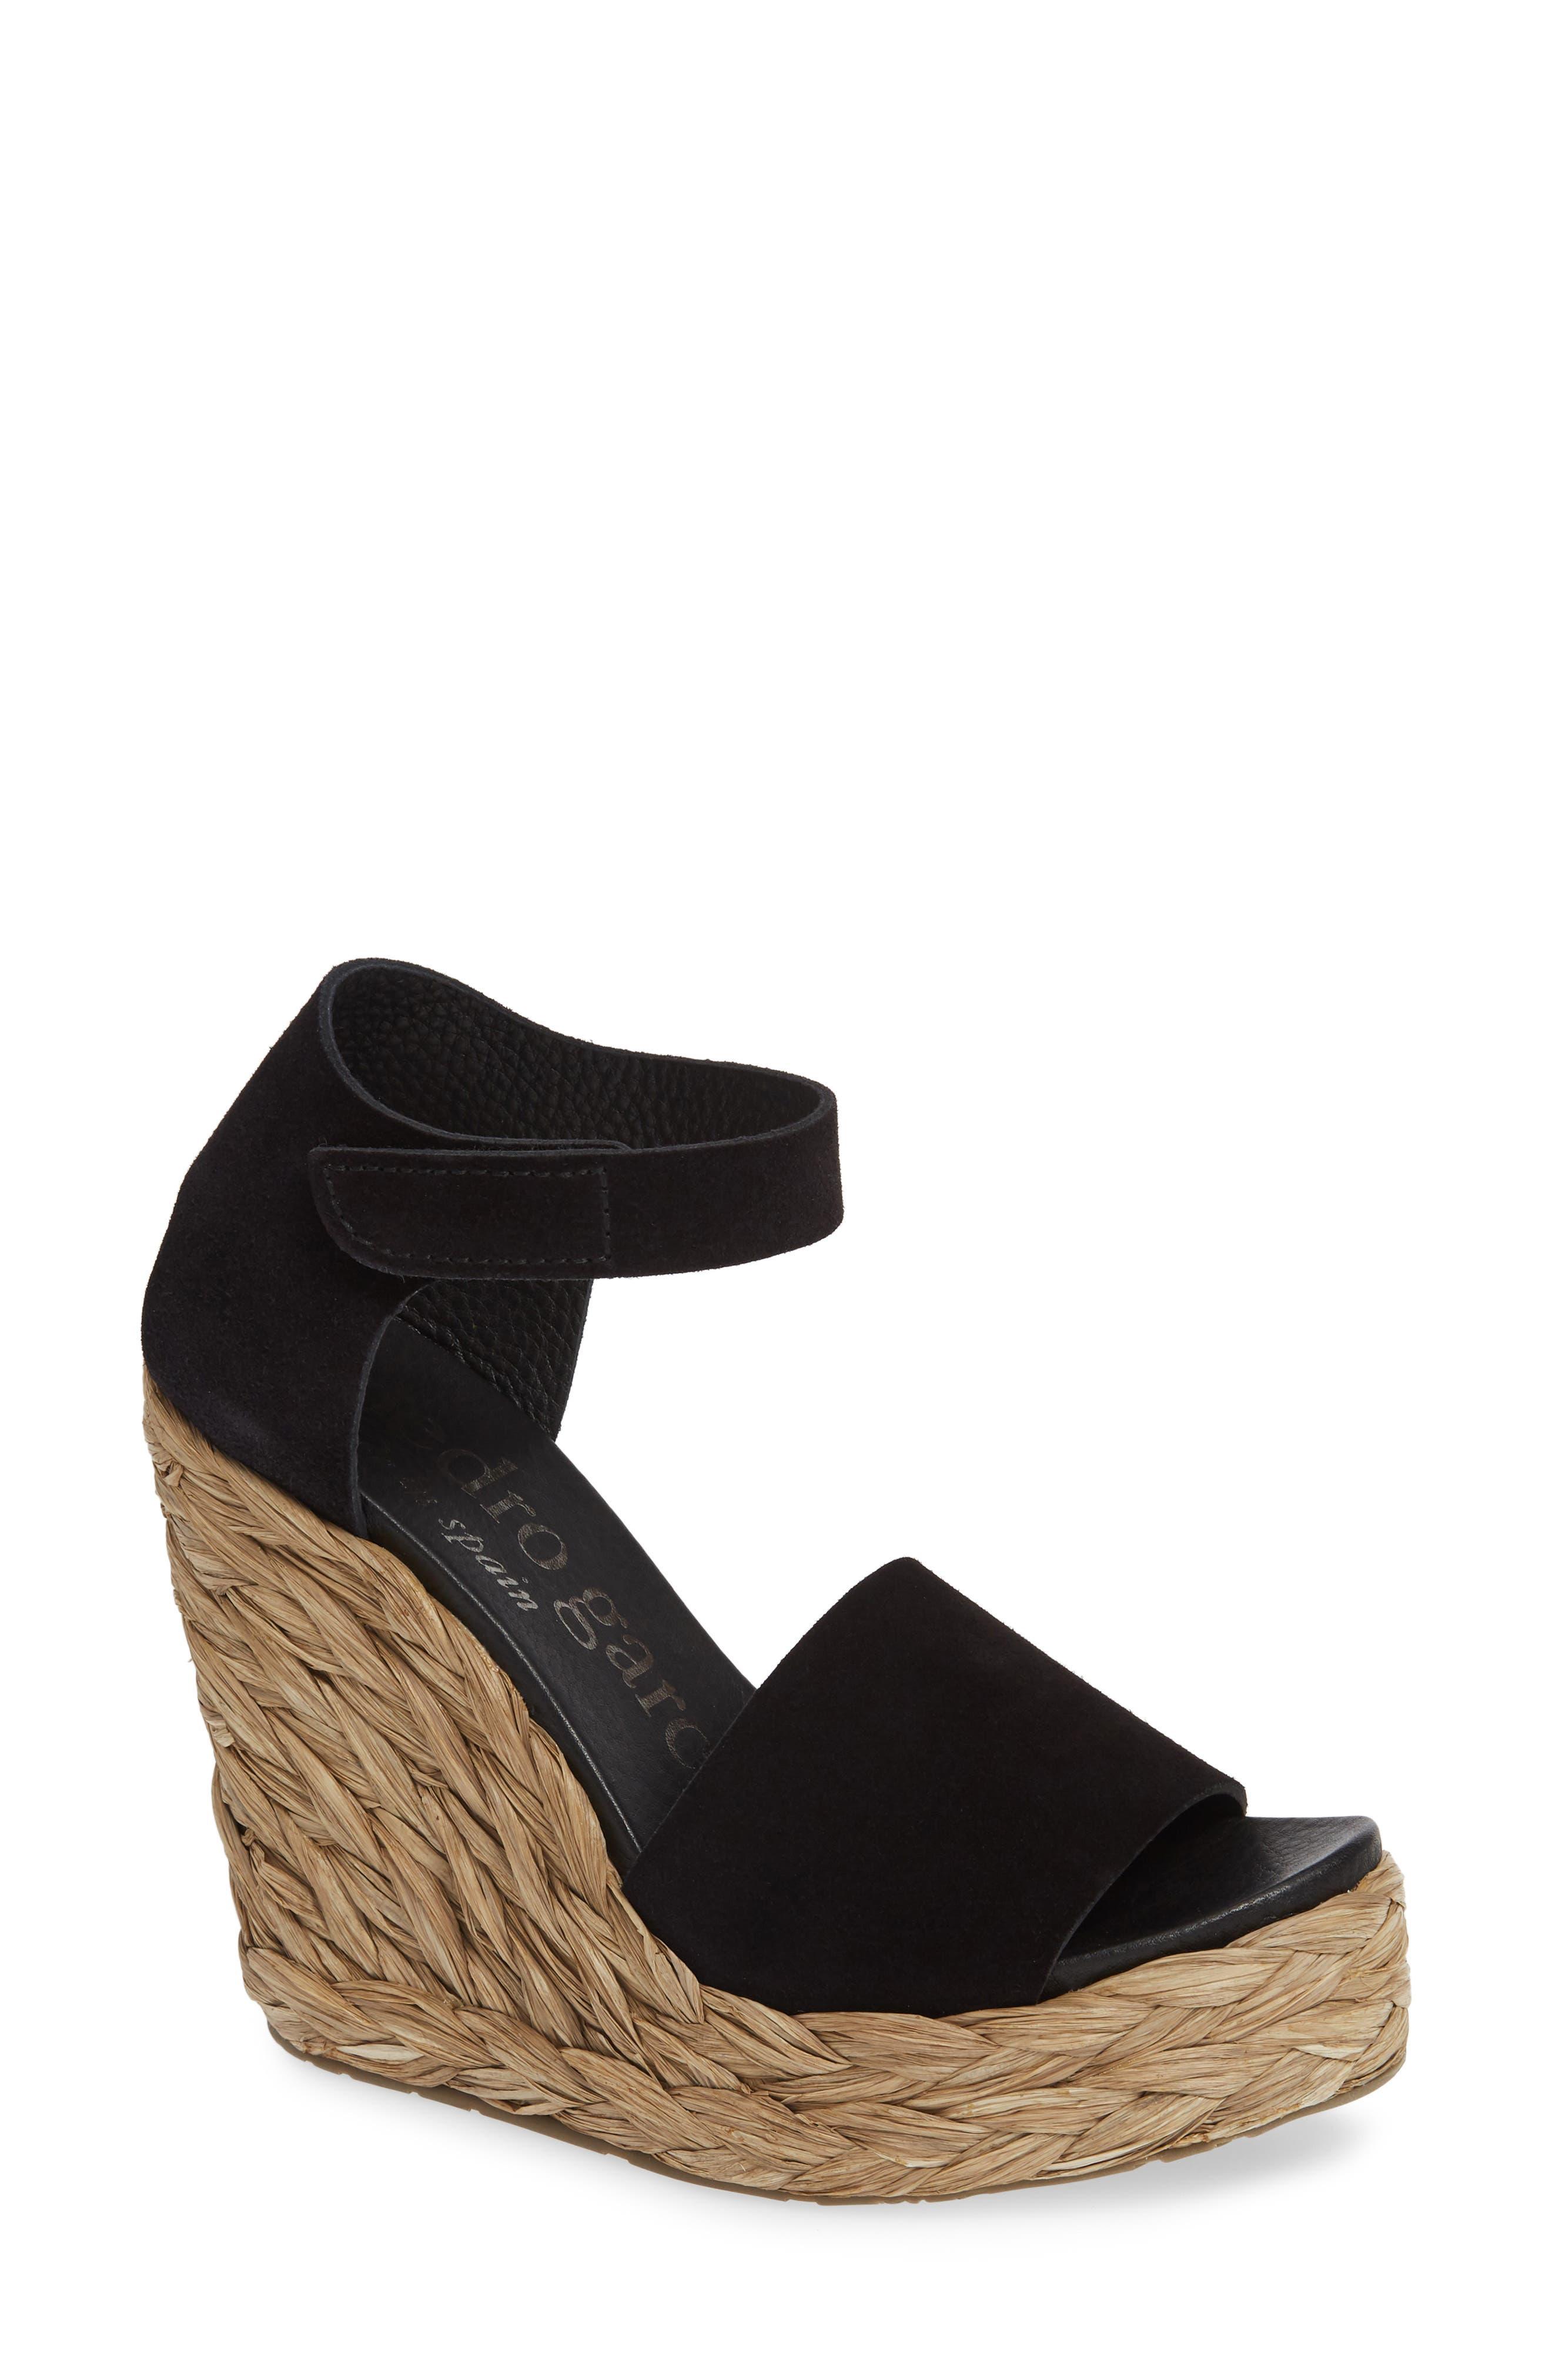 PEDRO GARCIA Tage Raffia Wedge Sandal, Main, color, BLACK CASTORO